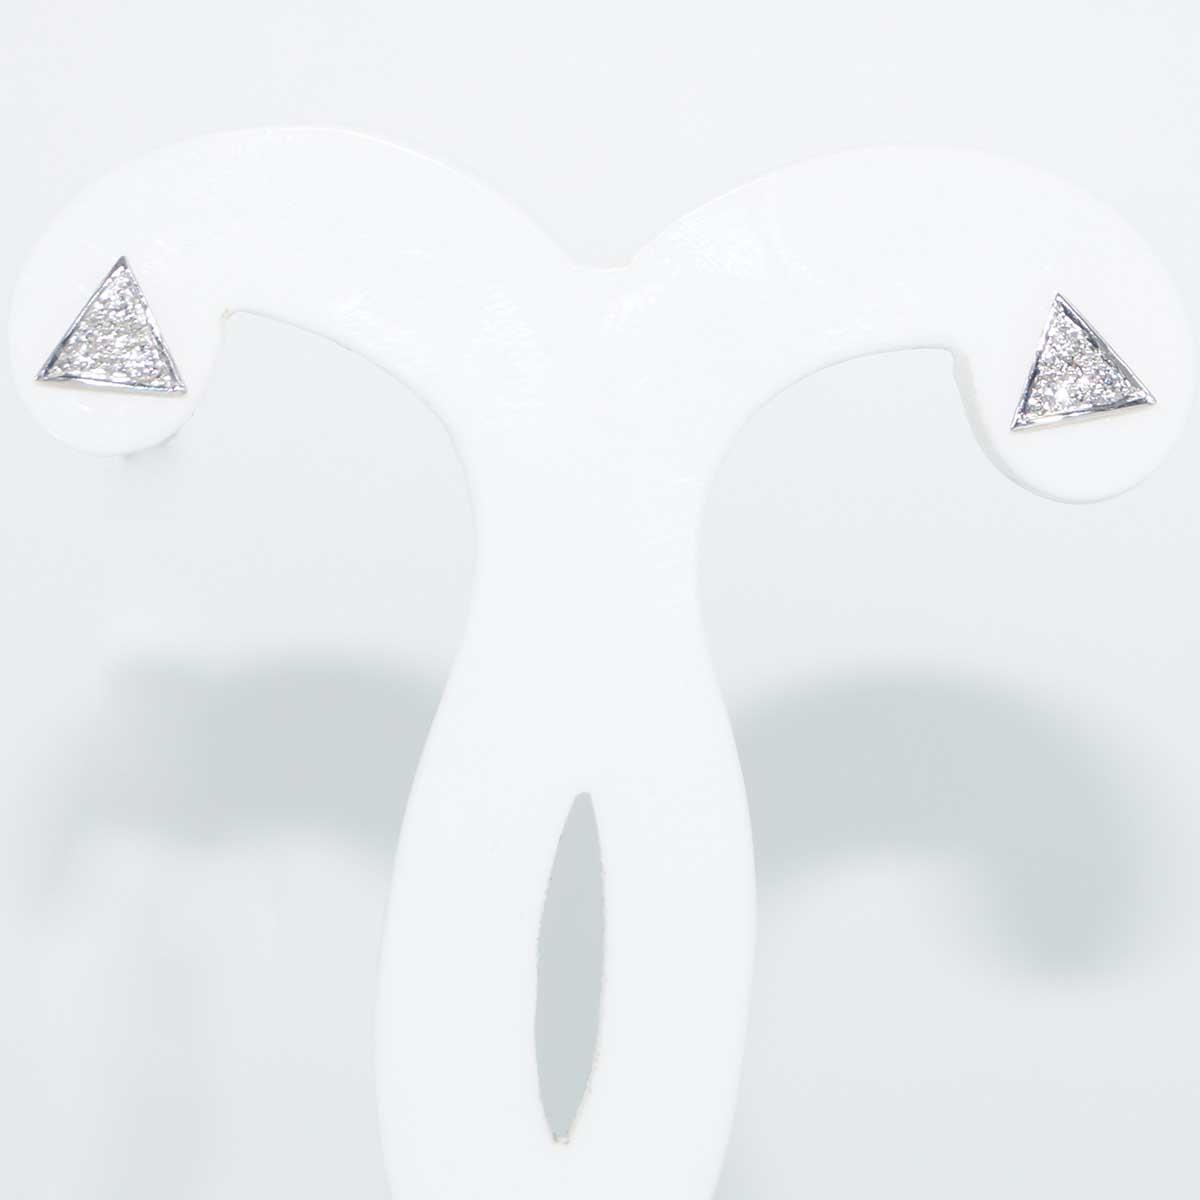 I Dream jewellery Diamond EarRing in 18KT Yellow Gold triangle shape EarRing